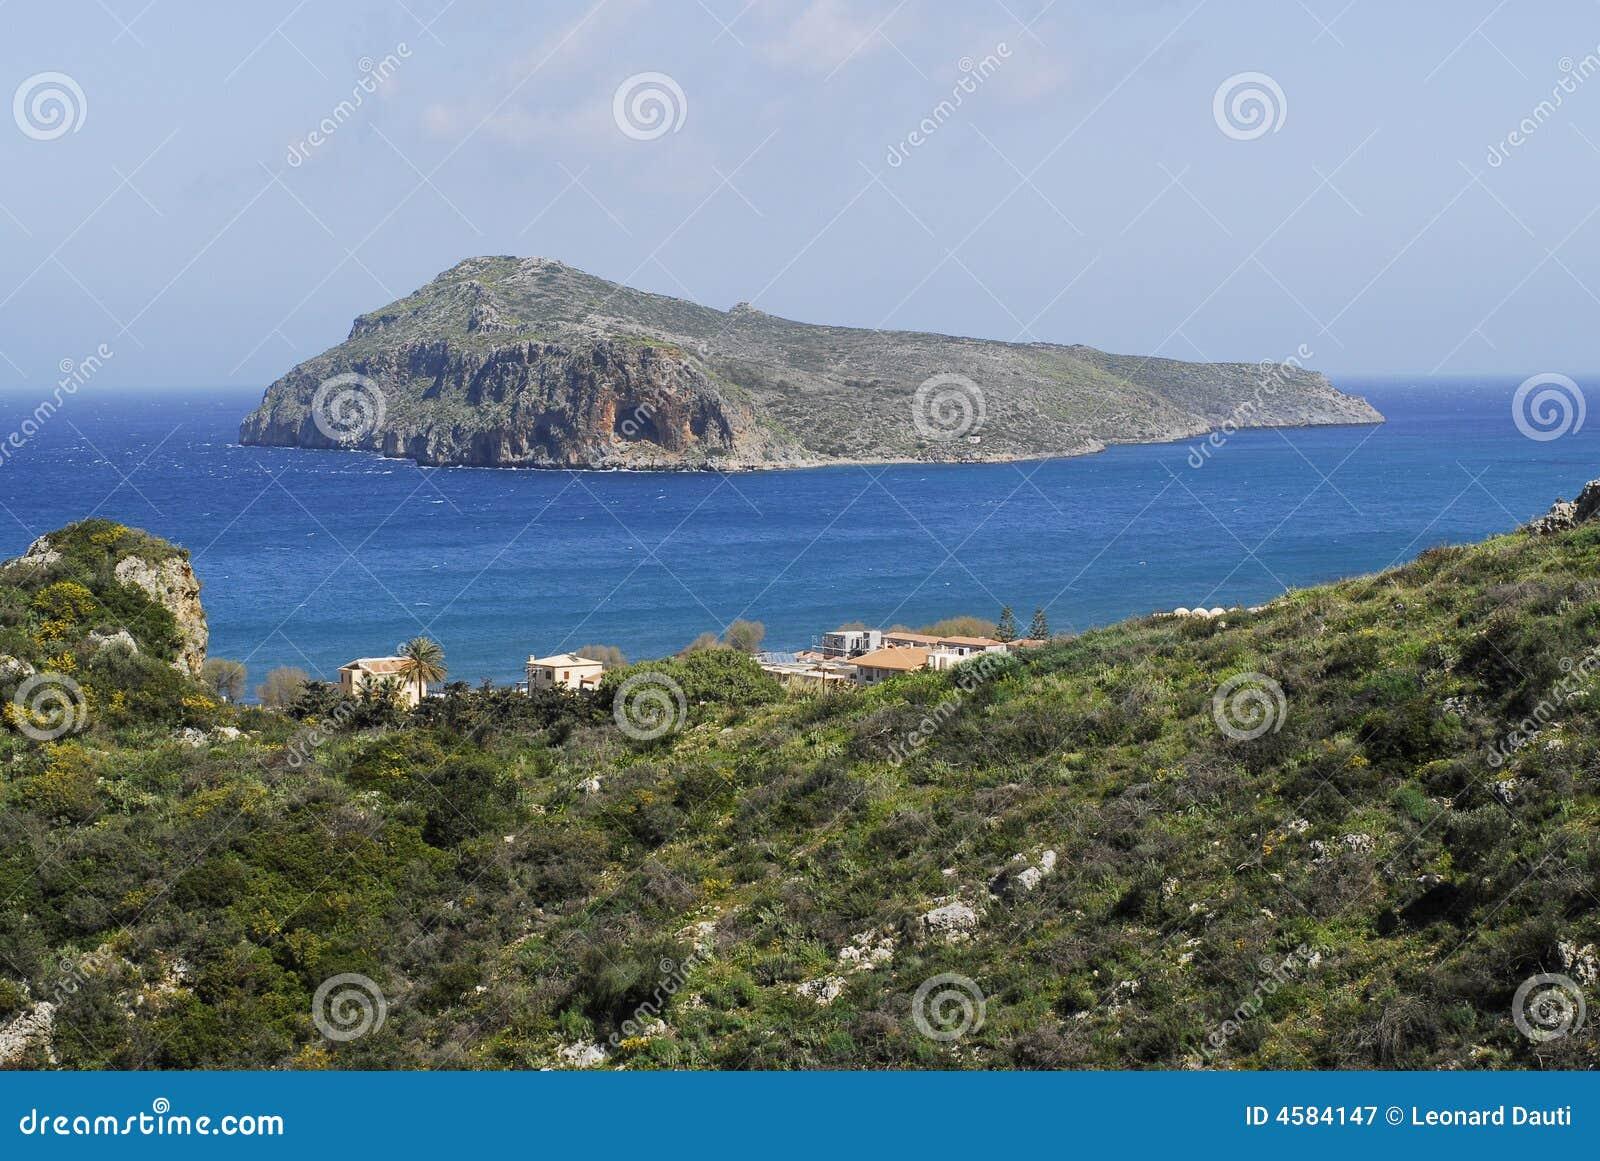 Die Insel und seine Höhle